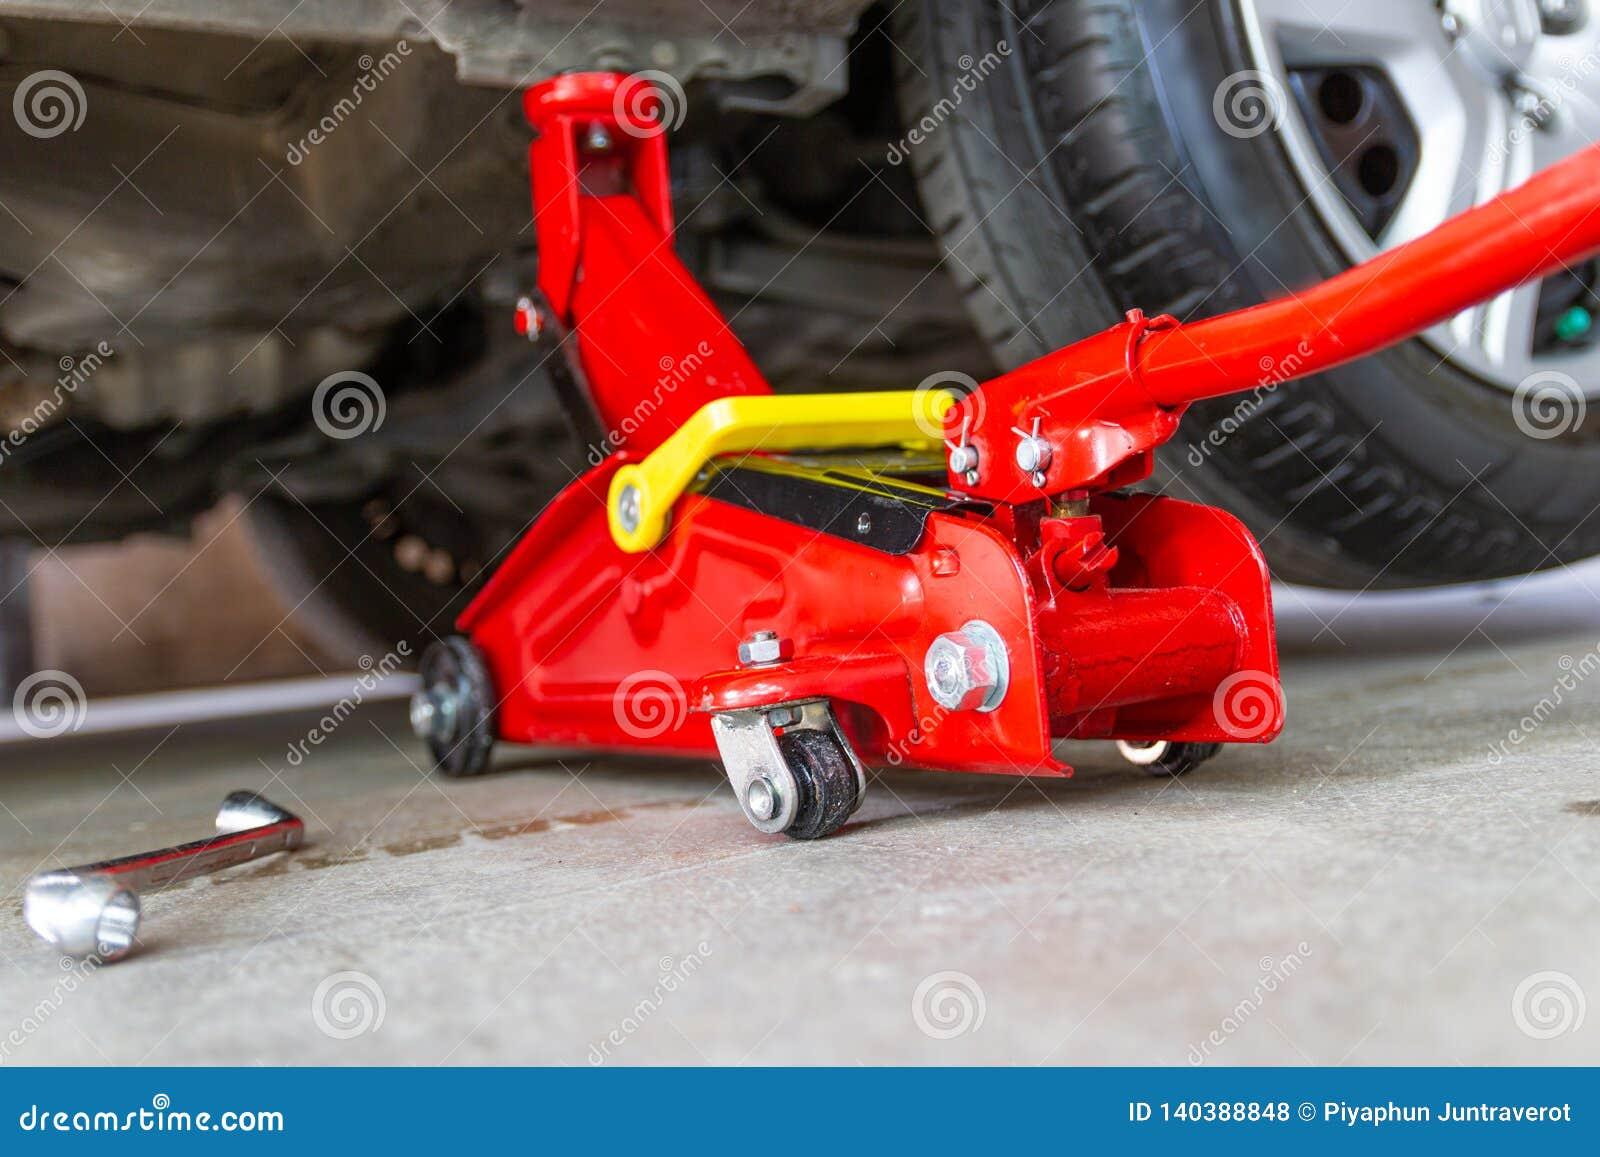 Κόκκινο αυτοκίνητο ανελκυστήρων γρύλων εργαλείων για τον έλεγχο επισκευής